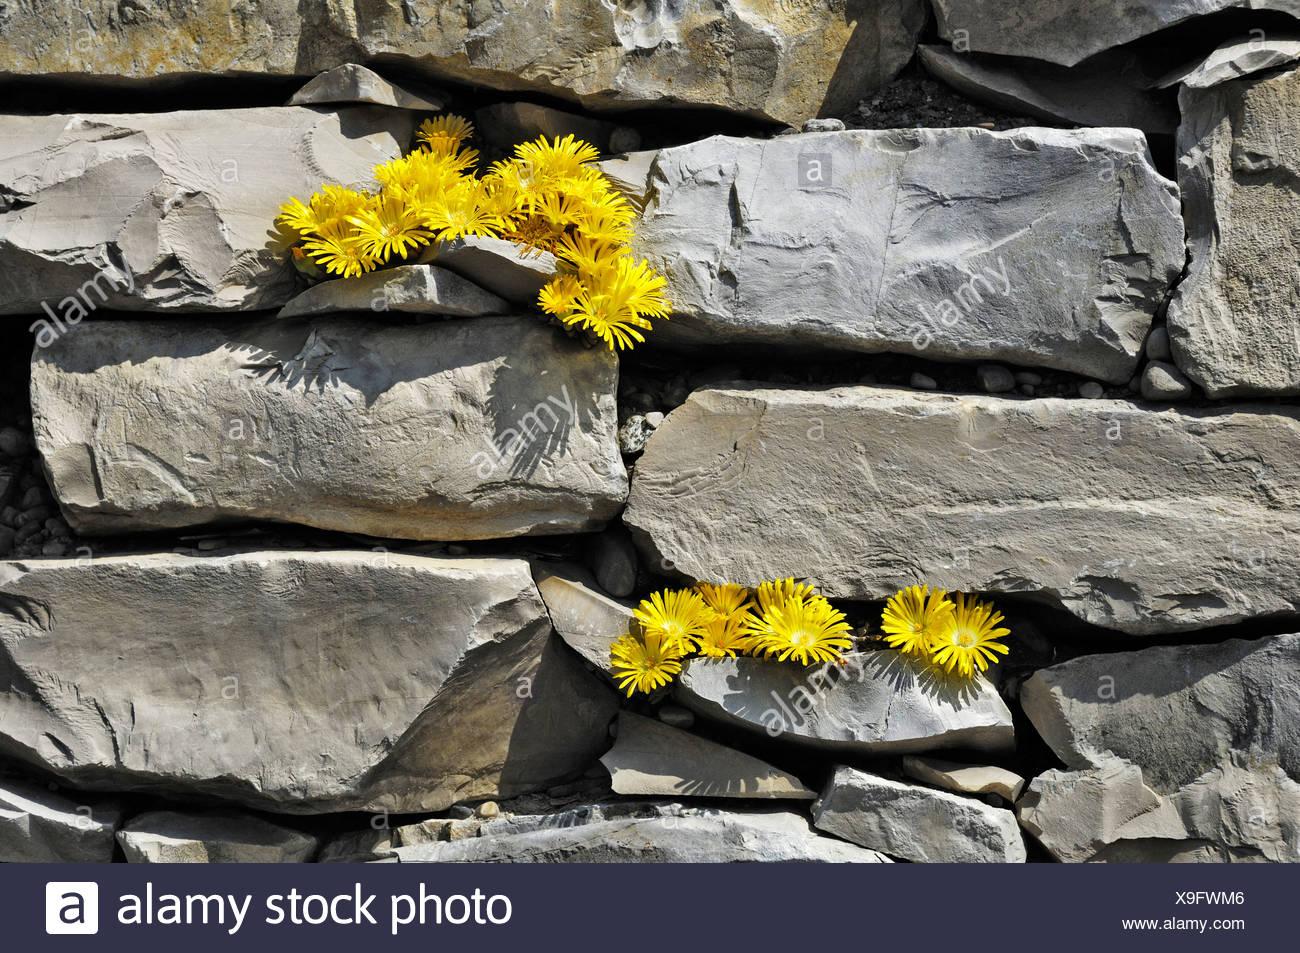 Il giallo di piante succulente (Delosperma lineare), Germania, Europa Immagini Stock